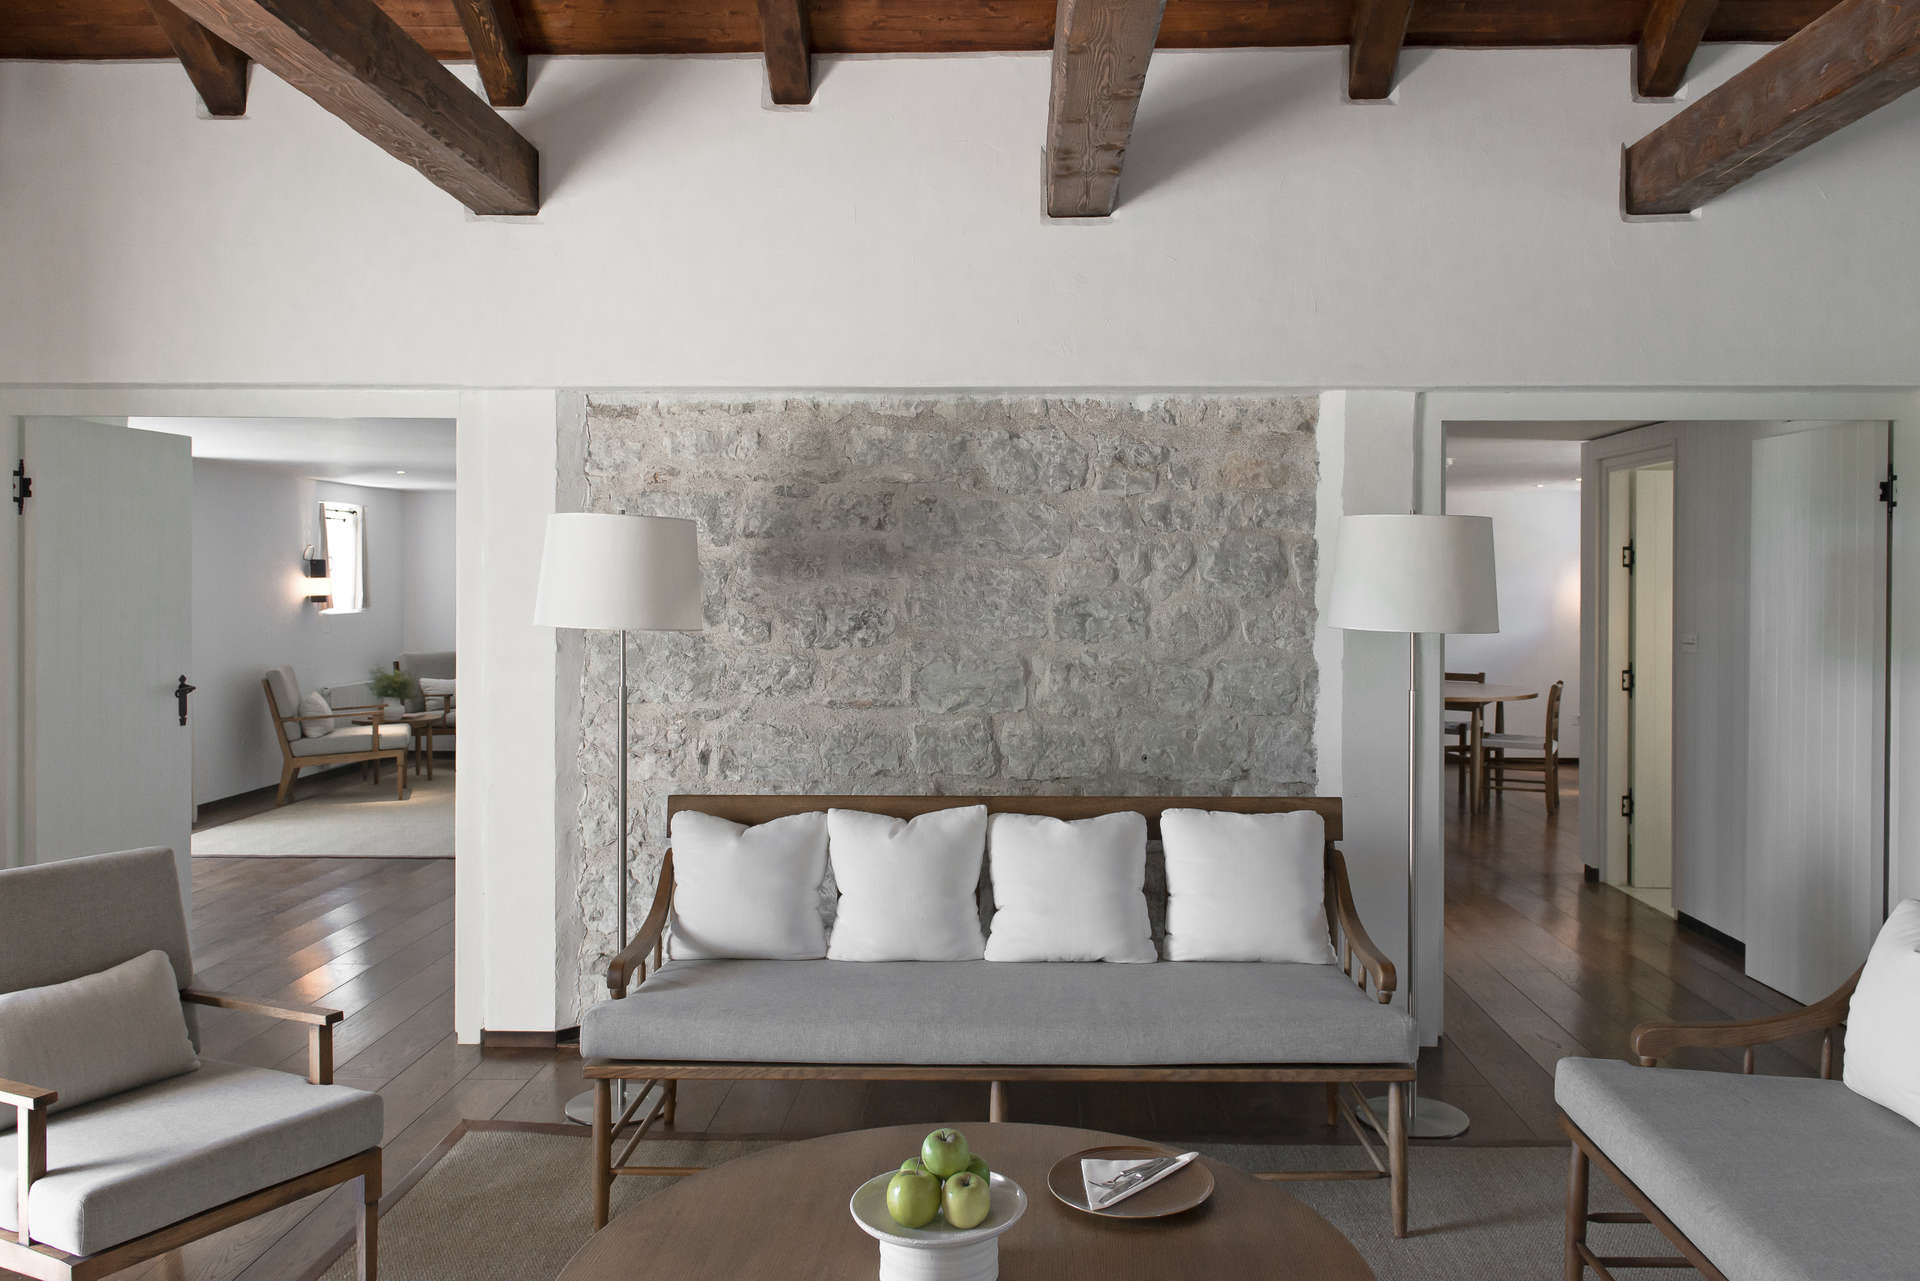 - Adriatic Suite - Image 1/7